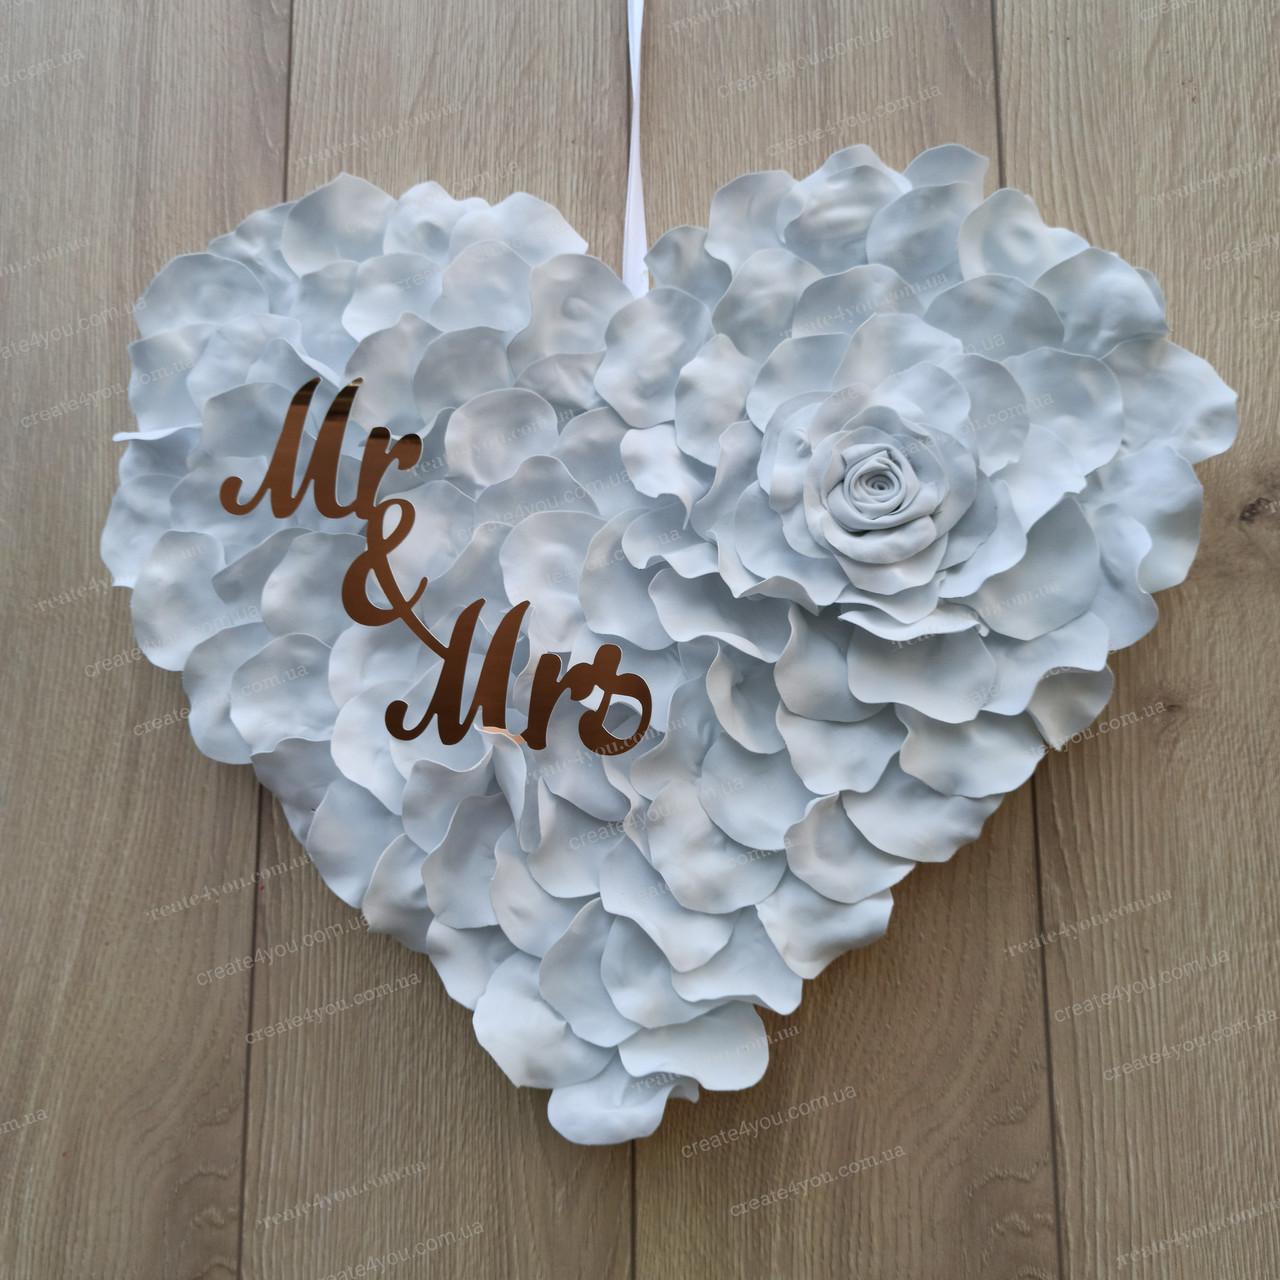 Біле серце з пелюсток троянди  з написами Mr & MRS.